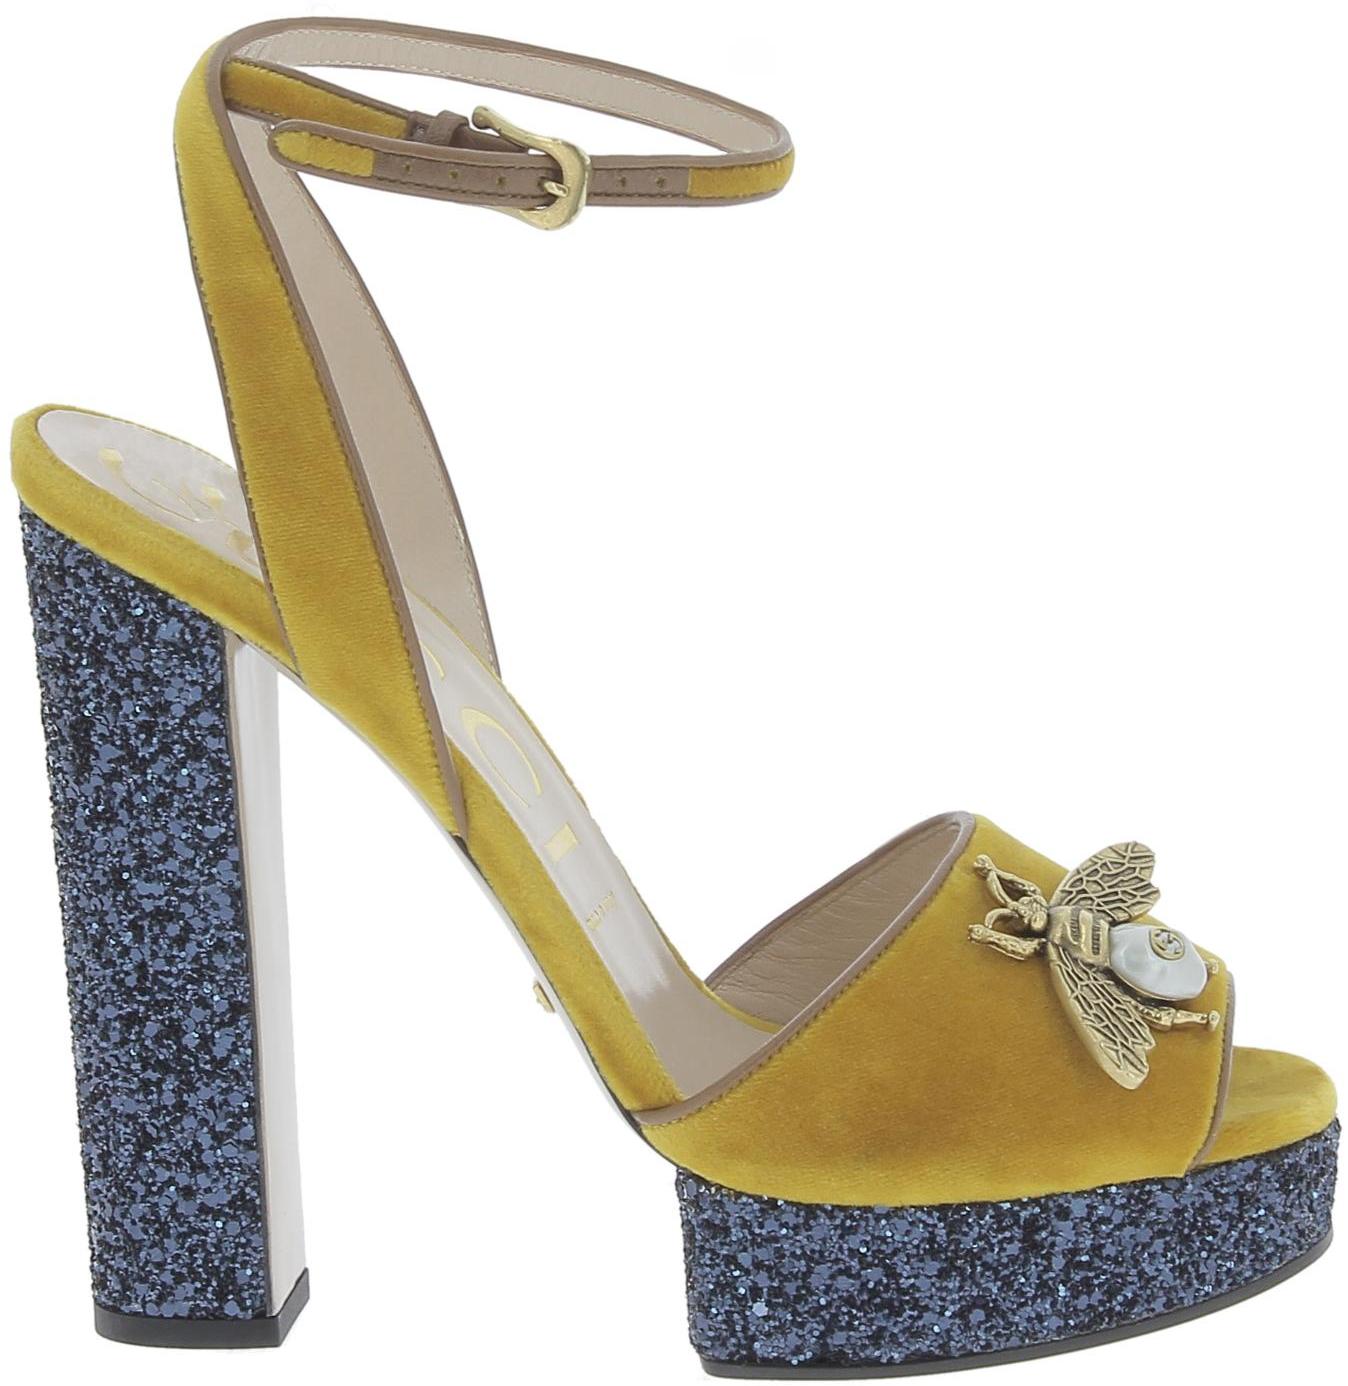 5eb0633c2843 Gucci Sandales femme en Veau Jaune cuir avec bleu plateforme - Italian  Boutique